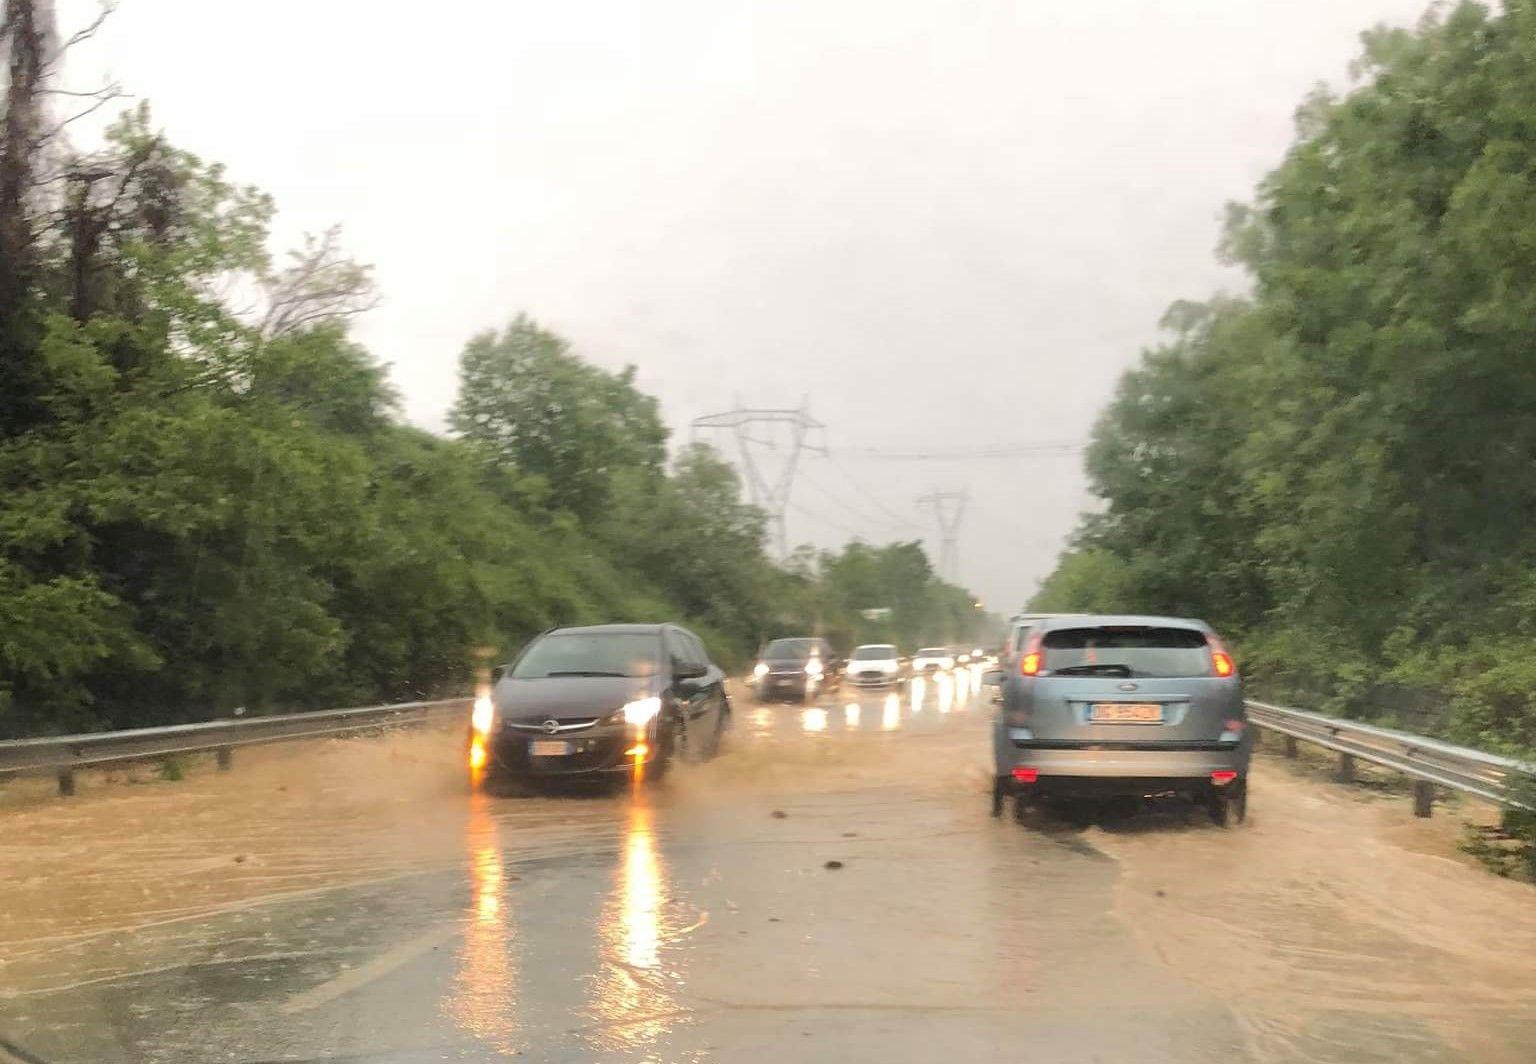 LEINI-LOMBARDORE - Piove a dirotto, la 460 diventa un fiume